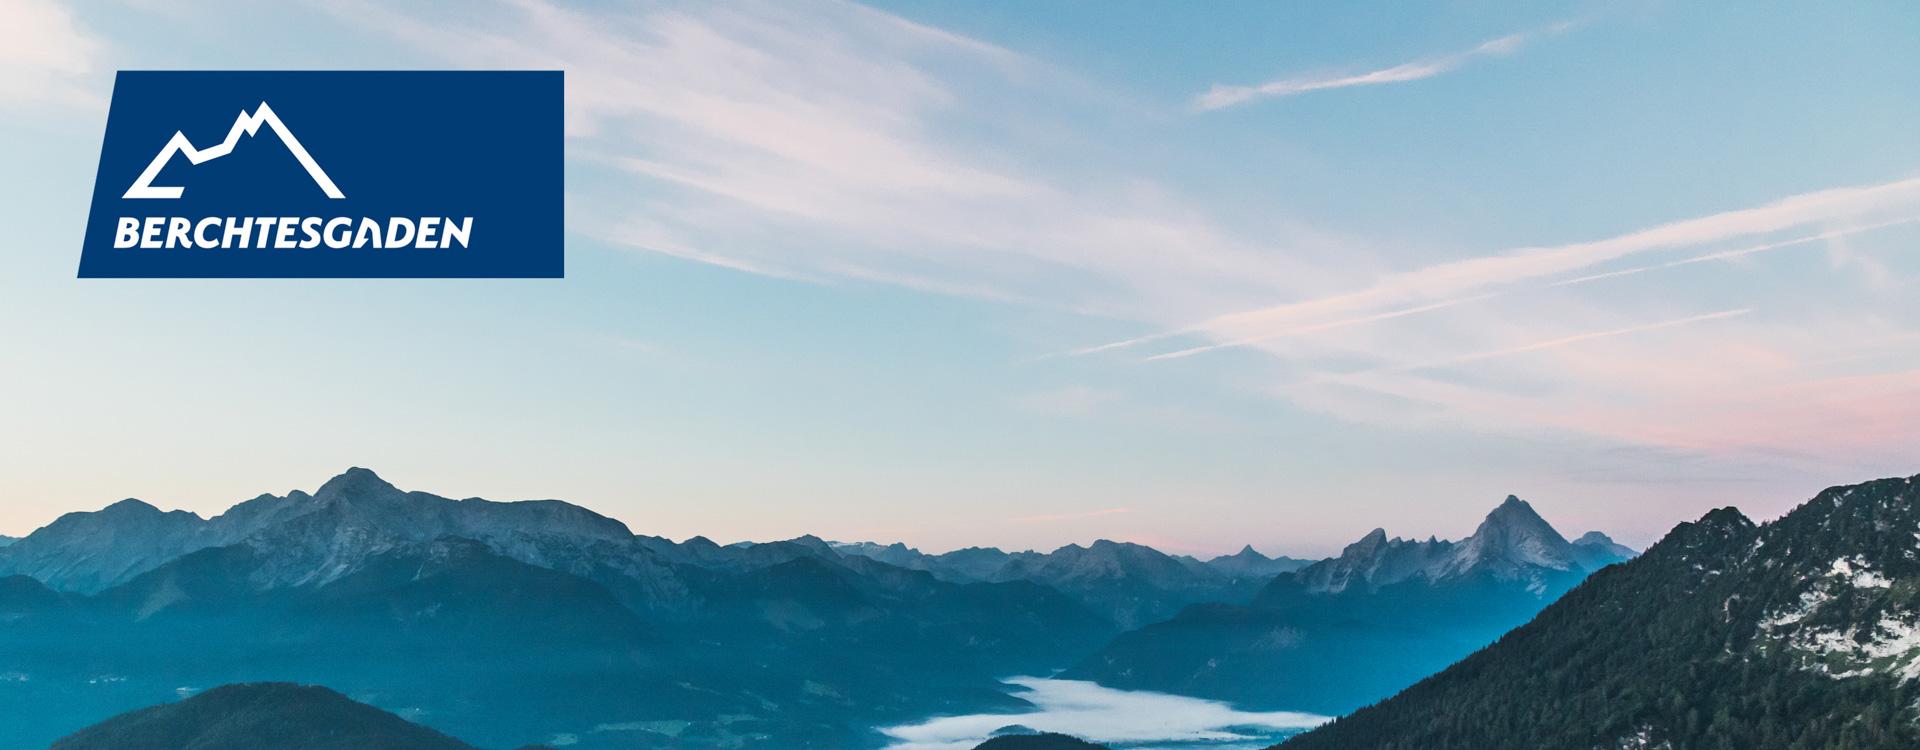 tourismus-bglt-berchtesgaden-und-watzmann.jpg